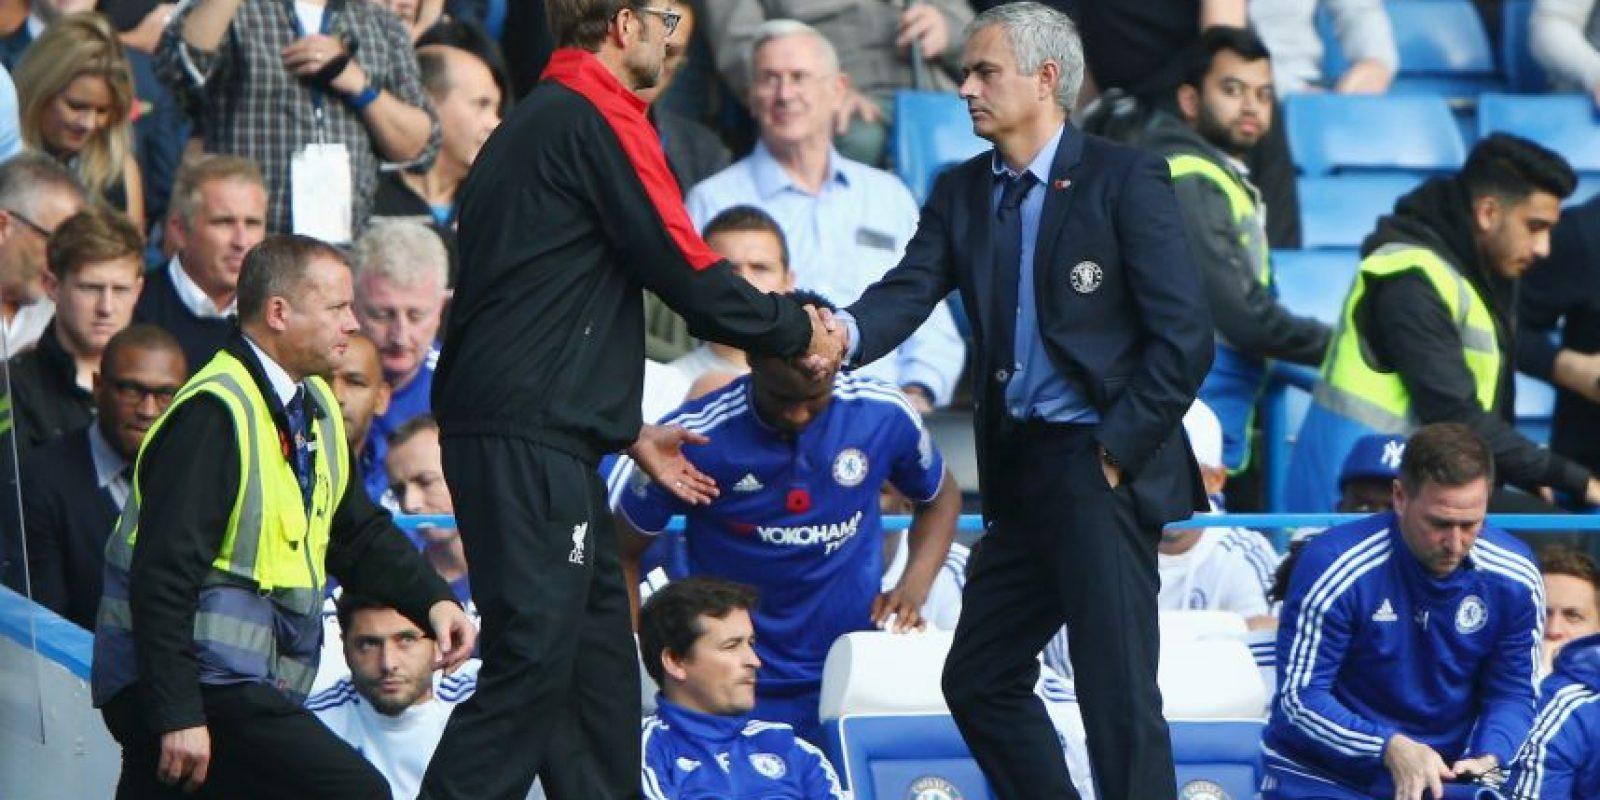 Mourinho y Jurgen Klopp se vuelven a encontrar en la Premier League. Foto:Getty Images